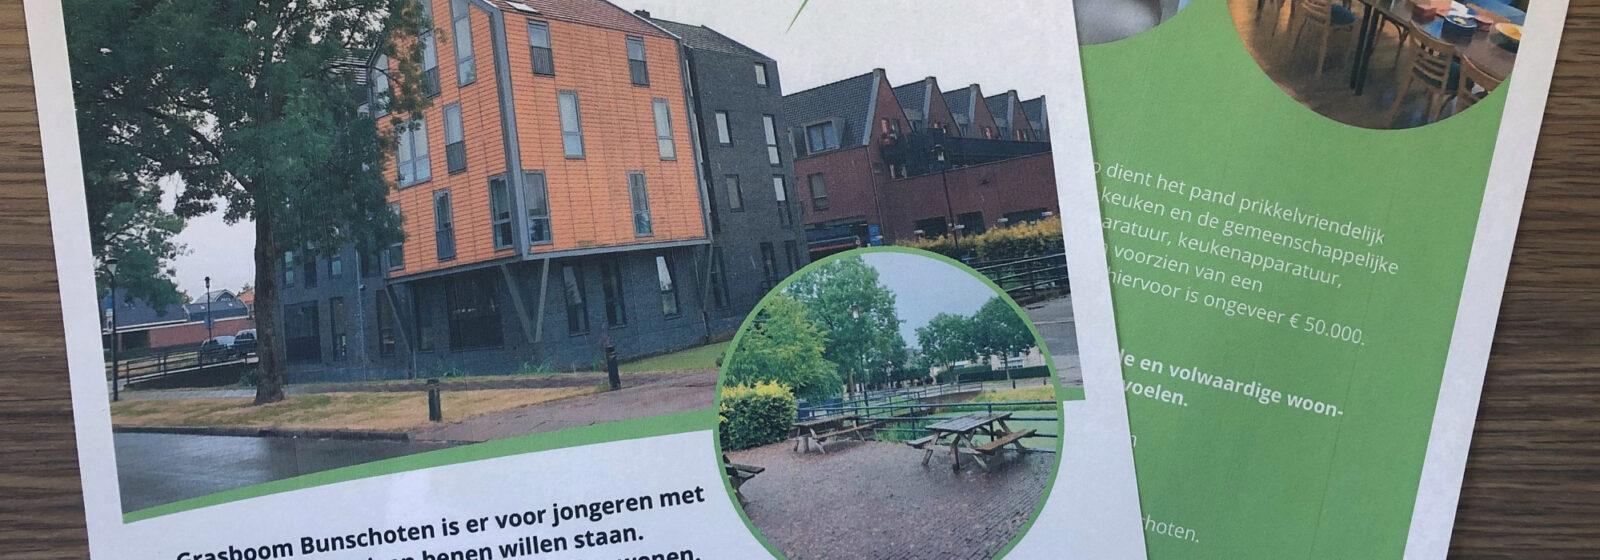 Grasboom Bunschoten presenteert brochure